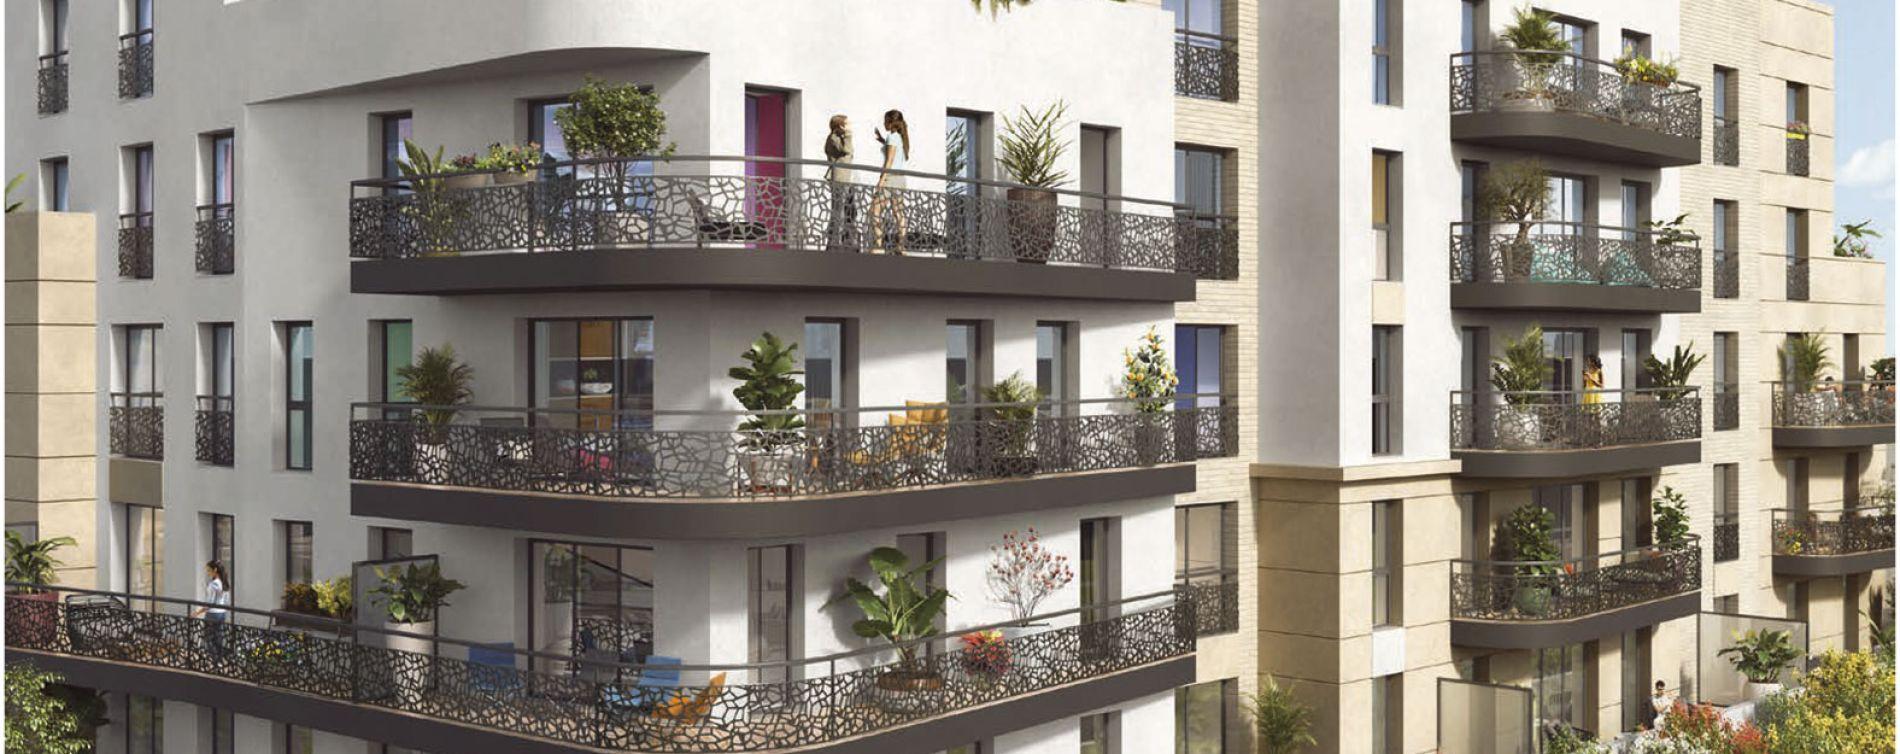 Résidence Westmont à Rueil-Malmaison